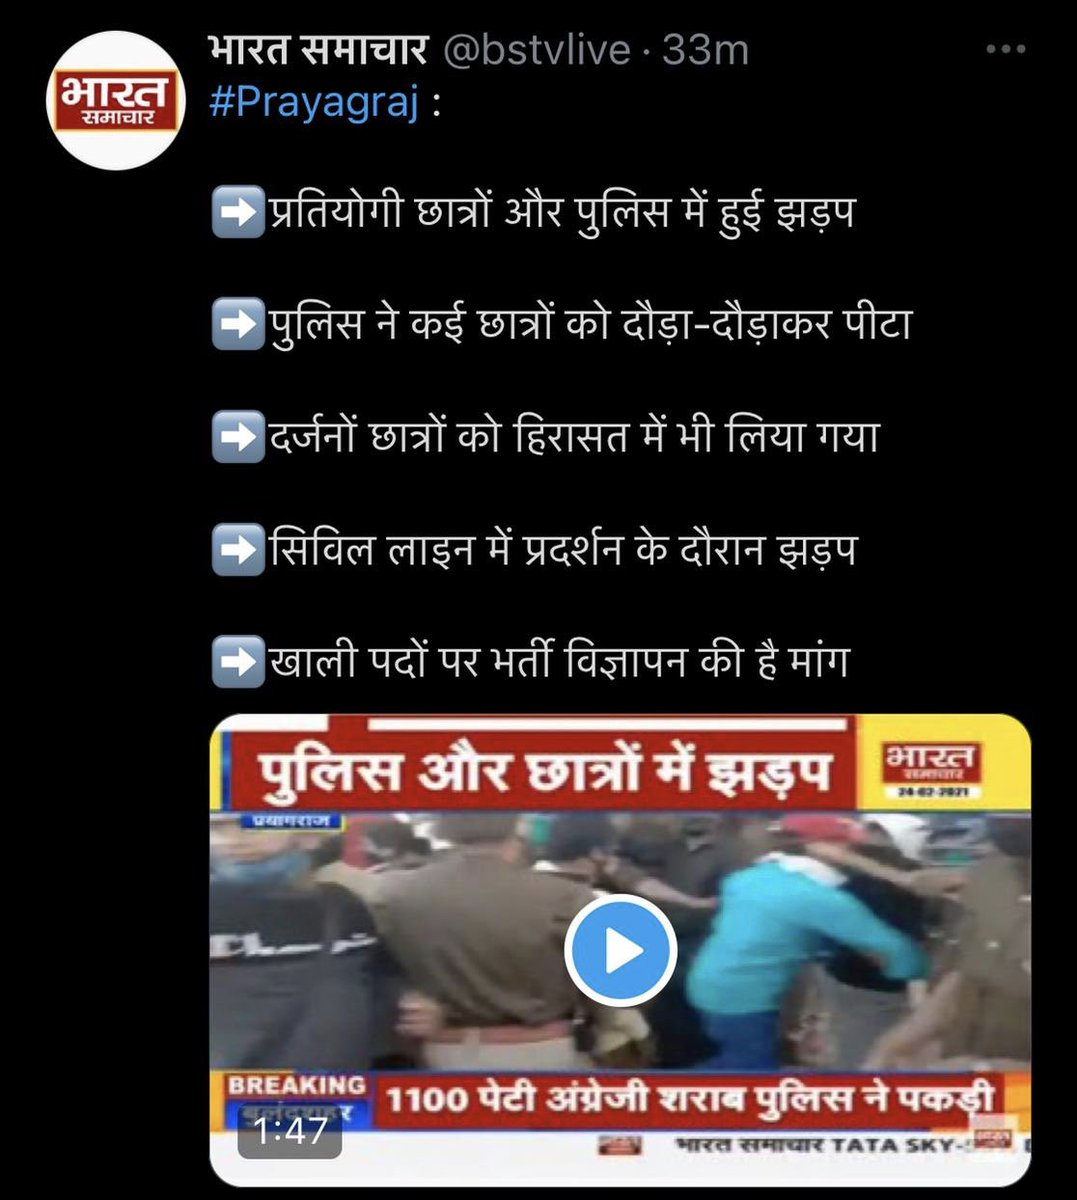 प्रयागराज, सिविल लाइन में खाली पदों पर भर्ती विज्ञापन की मांग कर रहे प्रतियोगी छात्रों को पुलिस ने दौड़ा-दौड़ाकर पीटा व दर्जनों छात्रों को हिरासत में लिया।   अब क्या रोज़गार की माँग करने पर भी मुक़दमे ठोके जाएंगे?   इस बार, बेरोज़गार पर वार अबकी बार, भाजपा बाहर!!  #NoMoreBjp